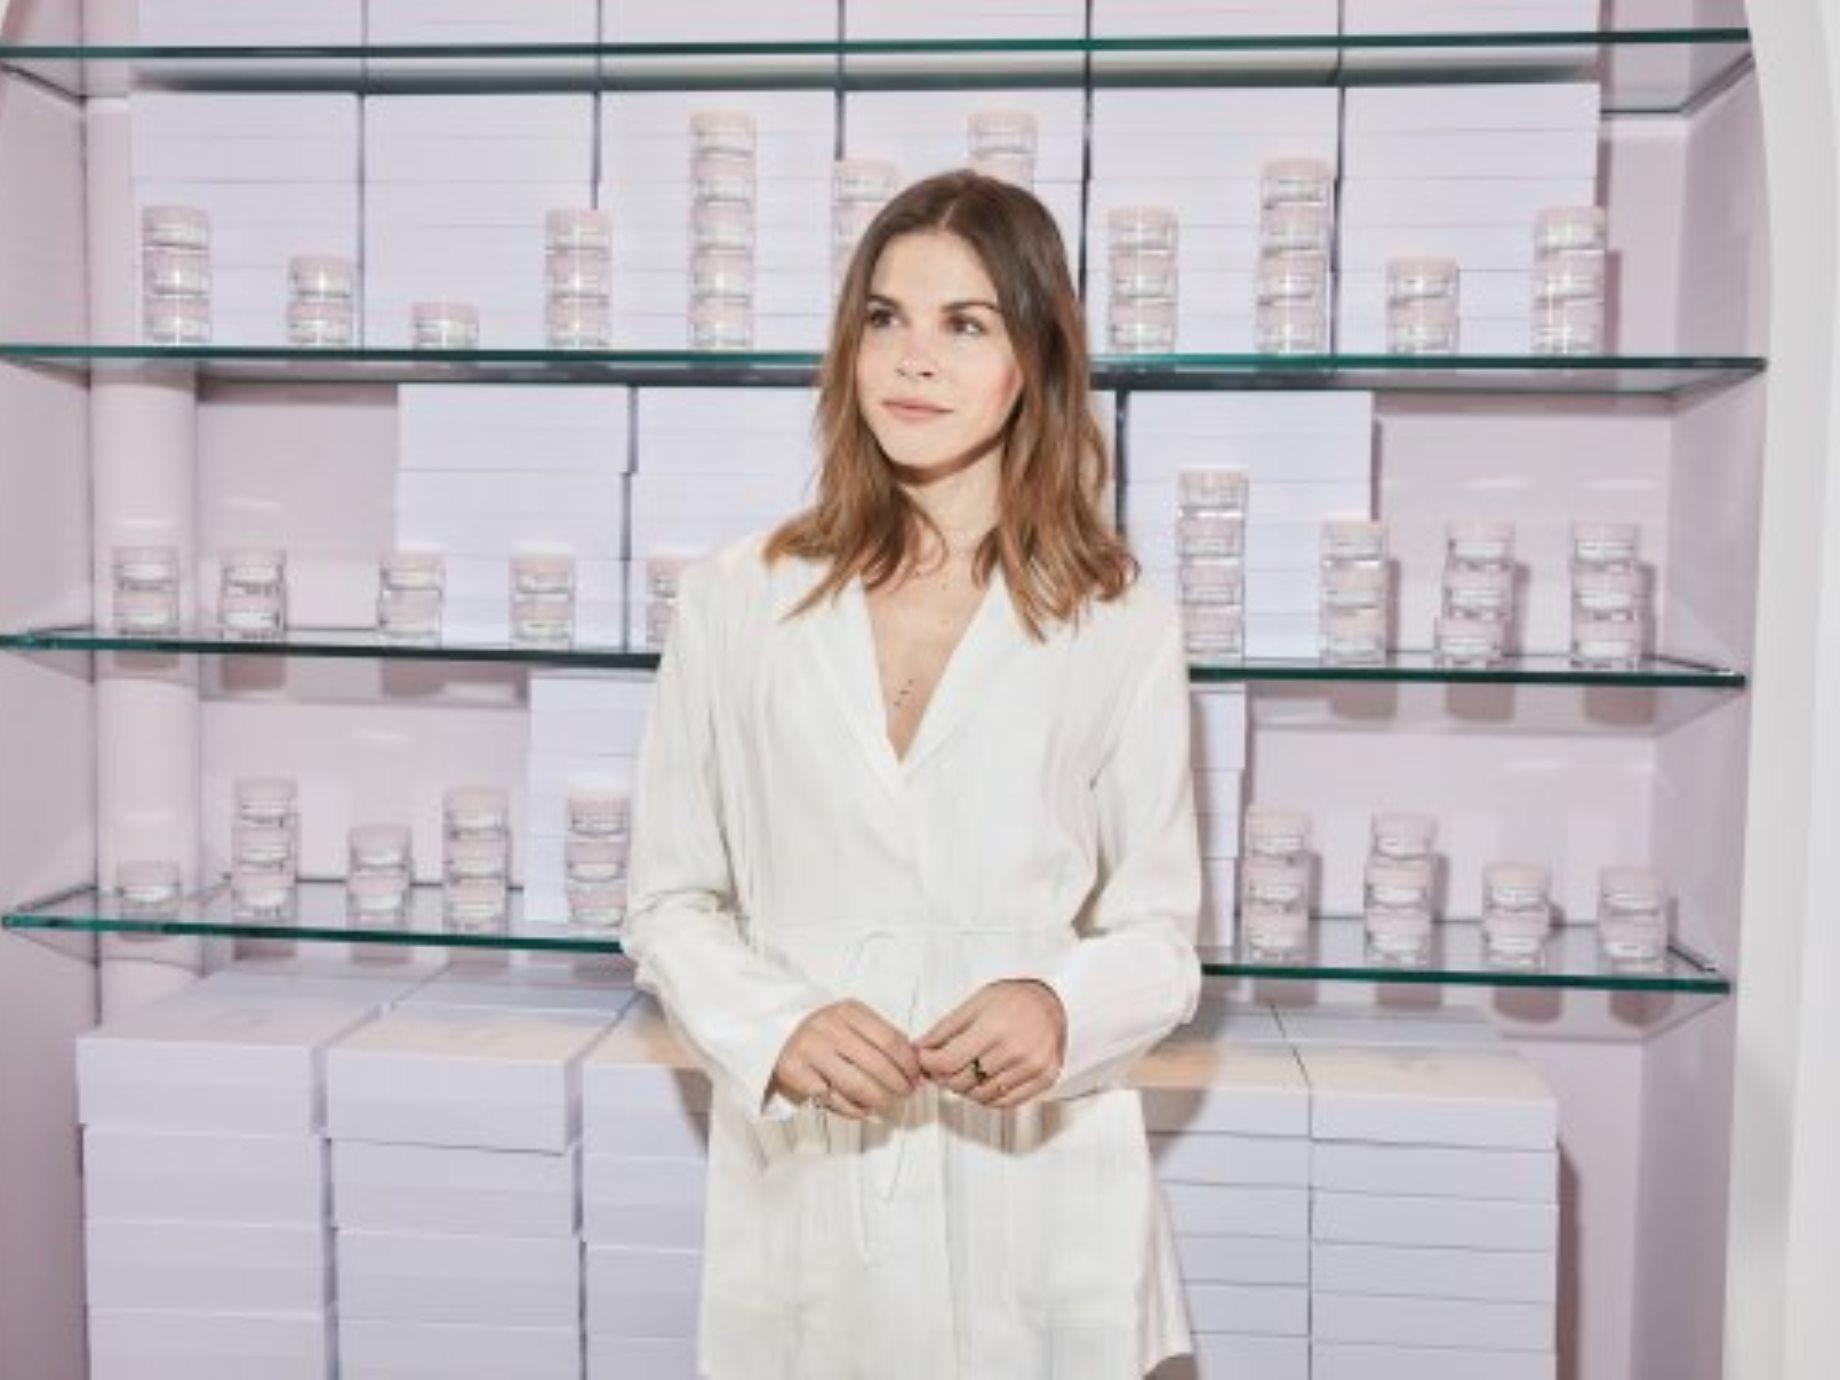 「視覺化」才是銷售王道!美國化妝品新創Glossier用3招提升顧客黏著度,年營收成長600%